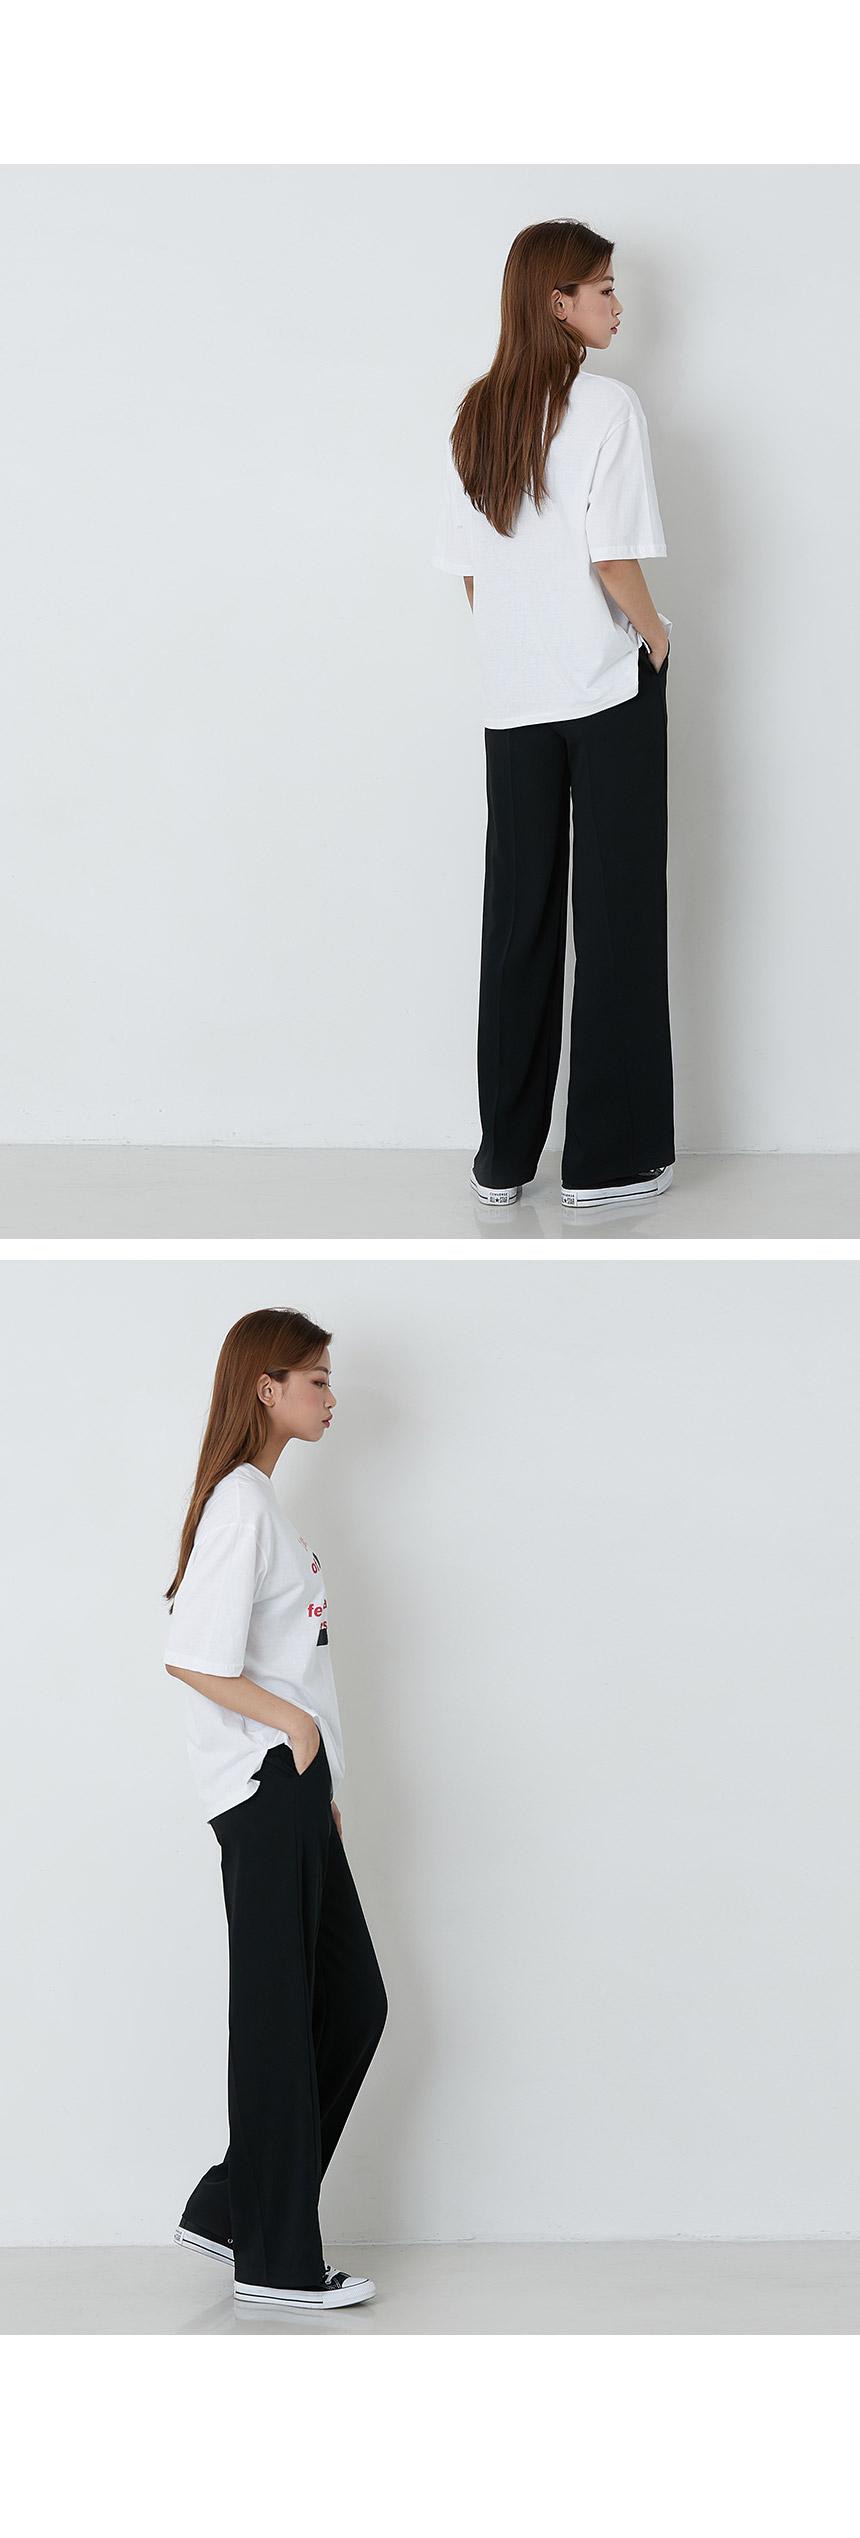 Selling Slacks Pants